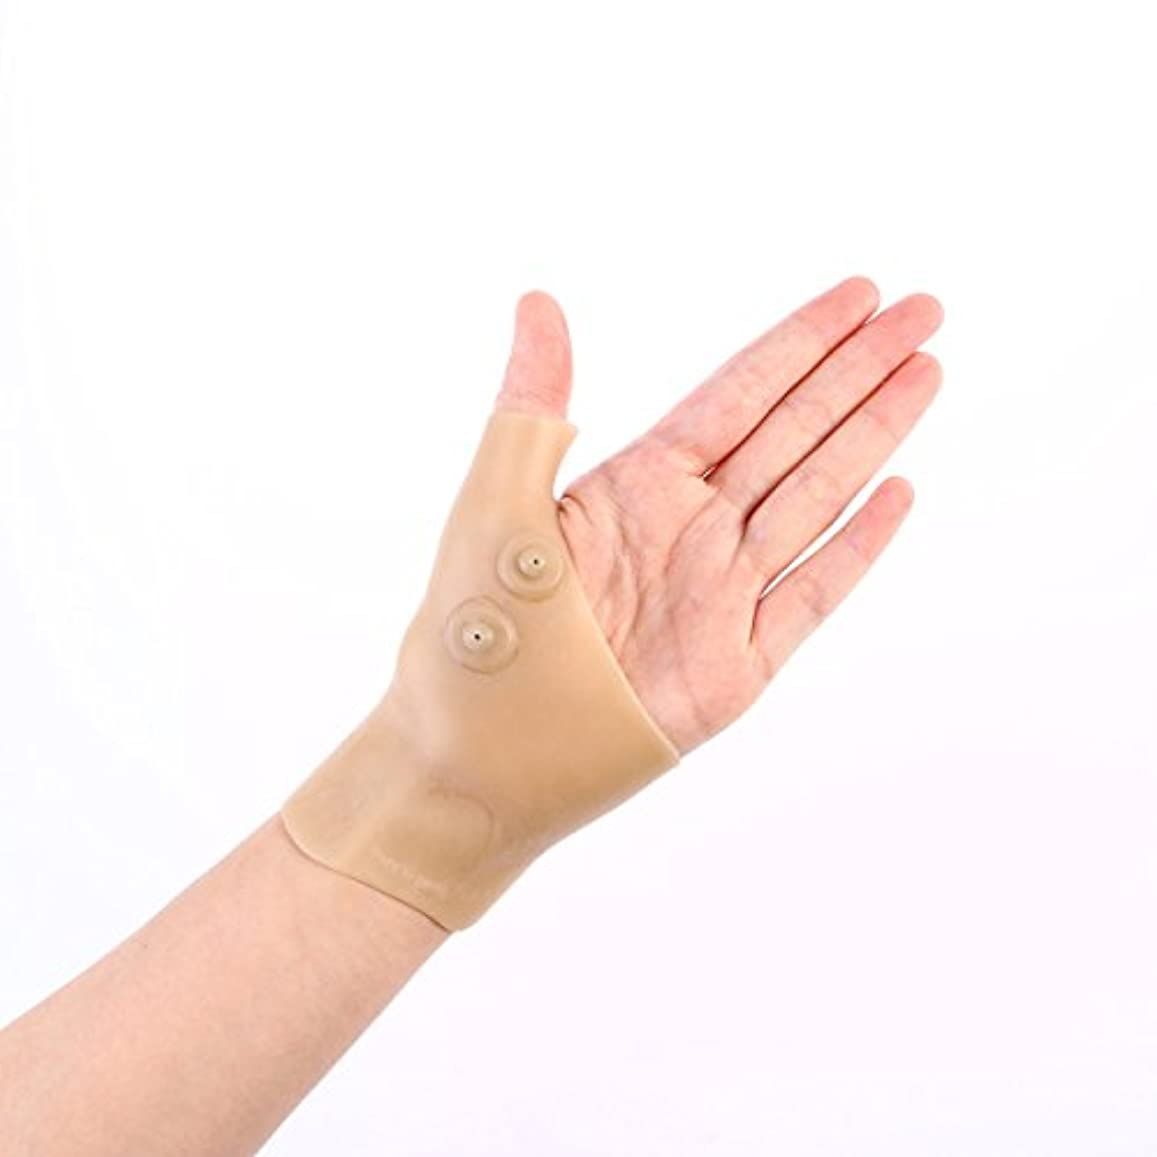 アンペアゲートレプリカHealifty 首サポートブレース シリコンゲル 腱鞘炎 バネ指 手首の親指の痛みを和らげる 2個